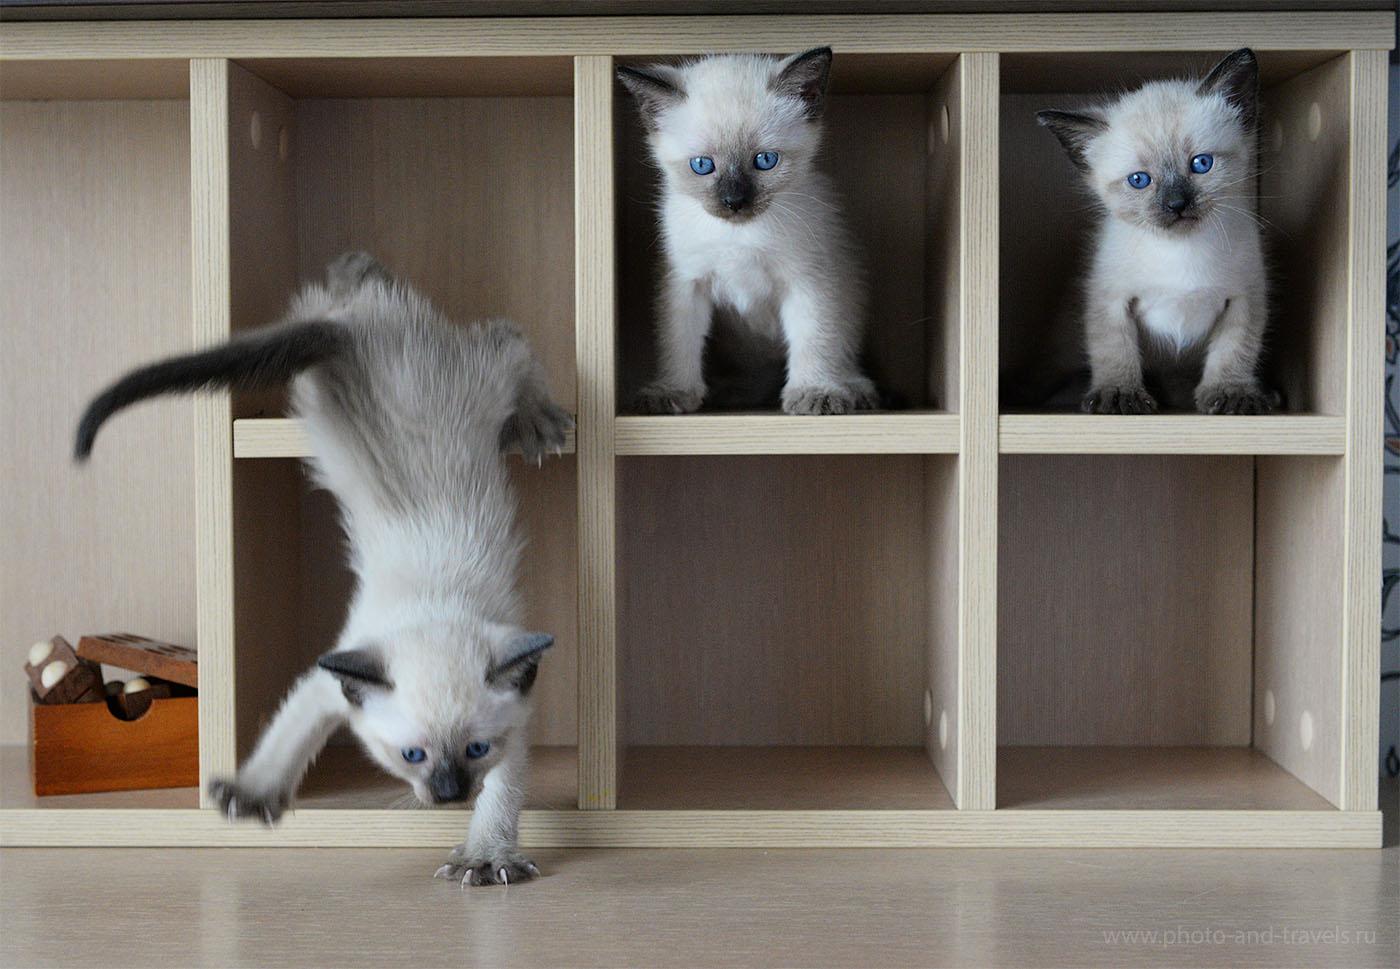 Фотография 21. Как фотографировать котят в домашних условиях (камера Nikon D610, настройки: диафрагма 5.6, выдержка 1/400 секунды, ИСО 3200, ФР=48 мм). Пример фото в формате камерного JPEG.